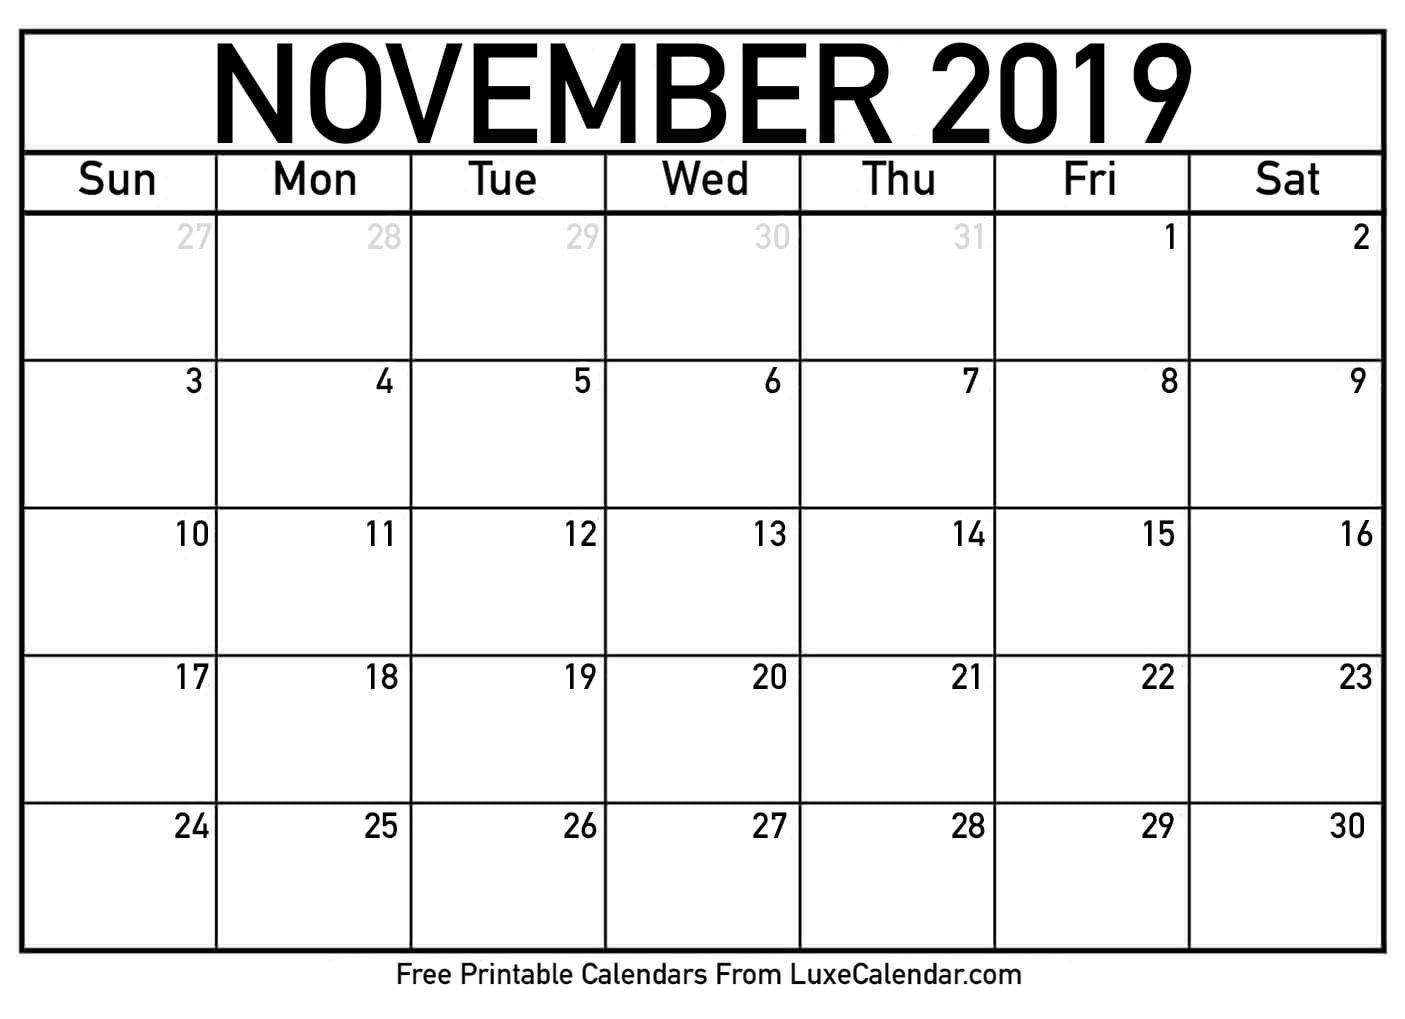 Blank November 2019 Printable Calendar - Luxe Calendar Calendar 2019 Nov